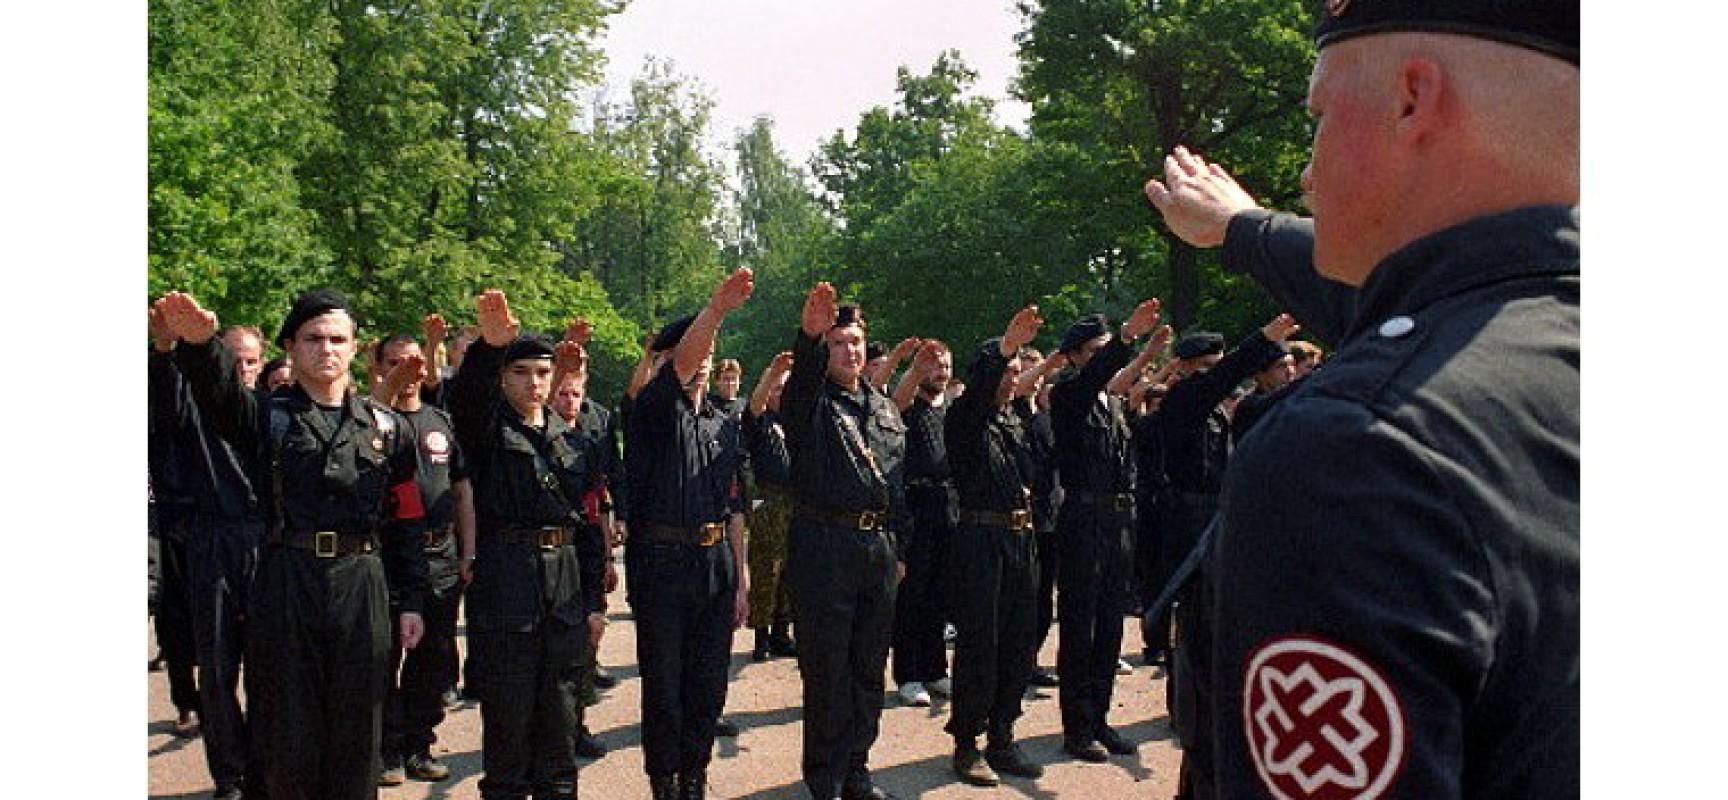 L'Ukraine, une menace majeure pour la sécurité de la Roumanie, un état membre de l'OTAN ?